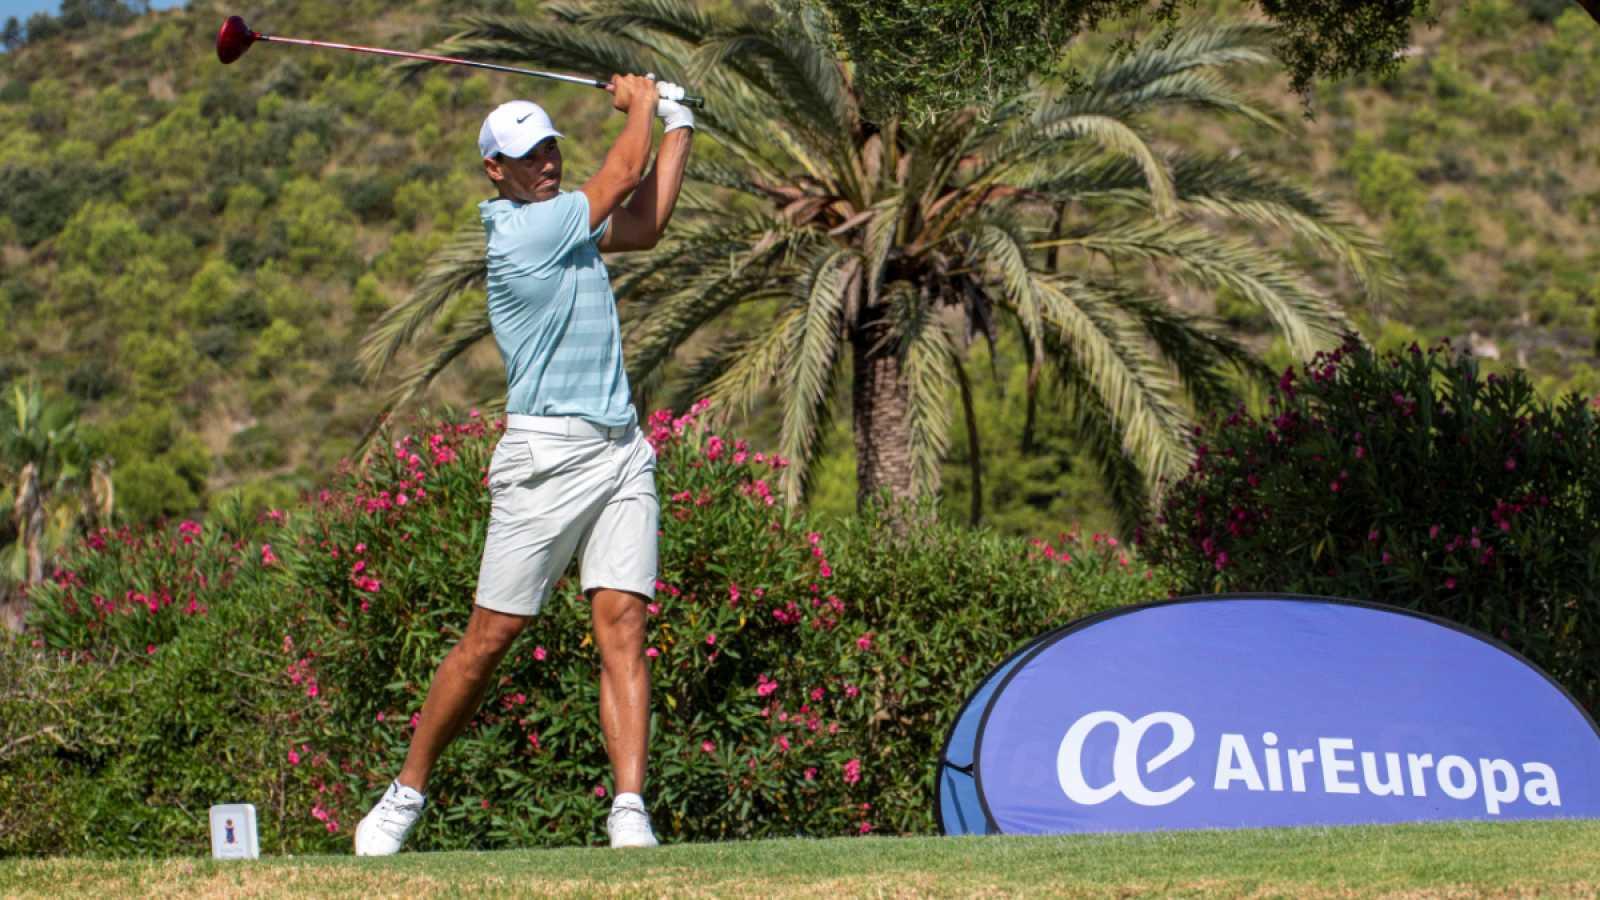 Imagen: El tenista Rafa Nada sigue mejorando su golf